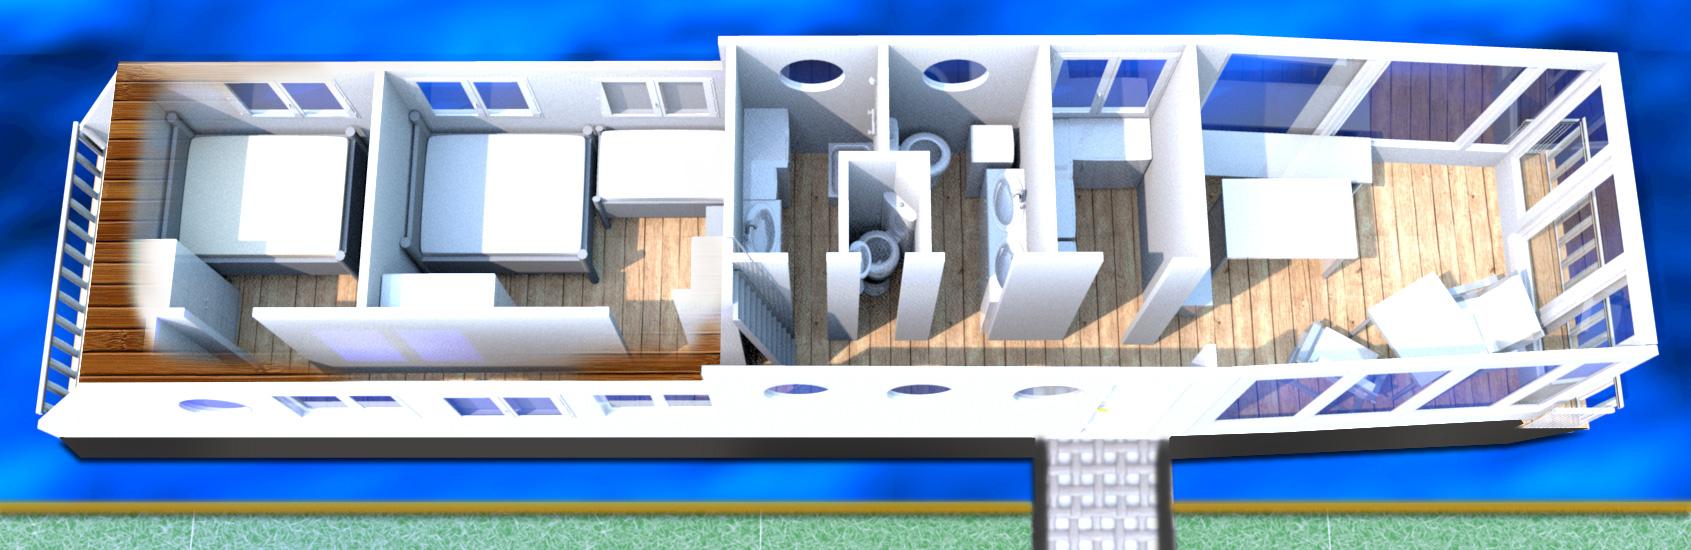 """Deckplan des Wohnschiffes """"Neptun"""": Darßsicht-Deck"""